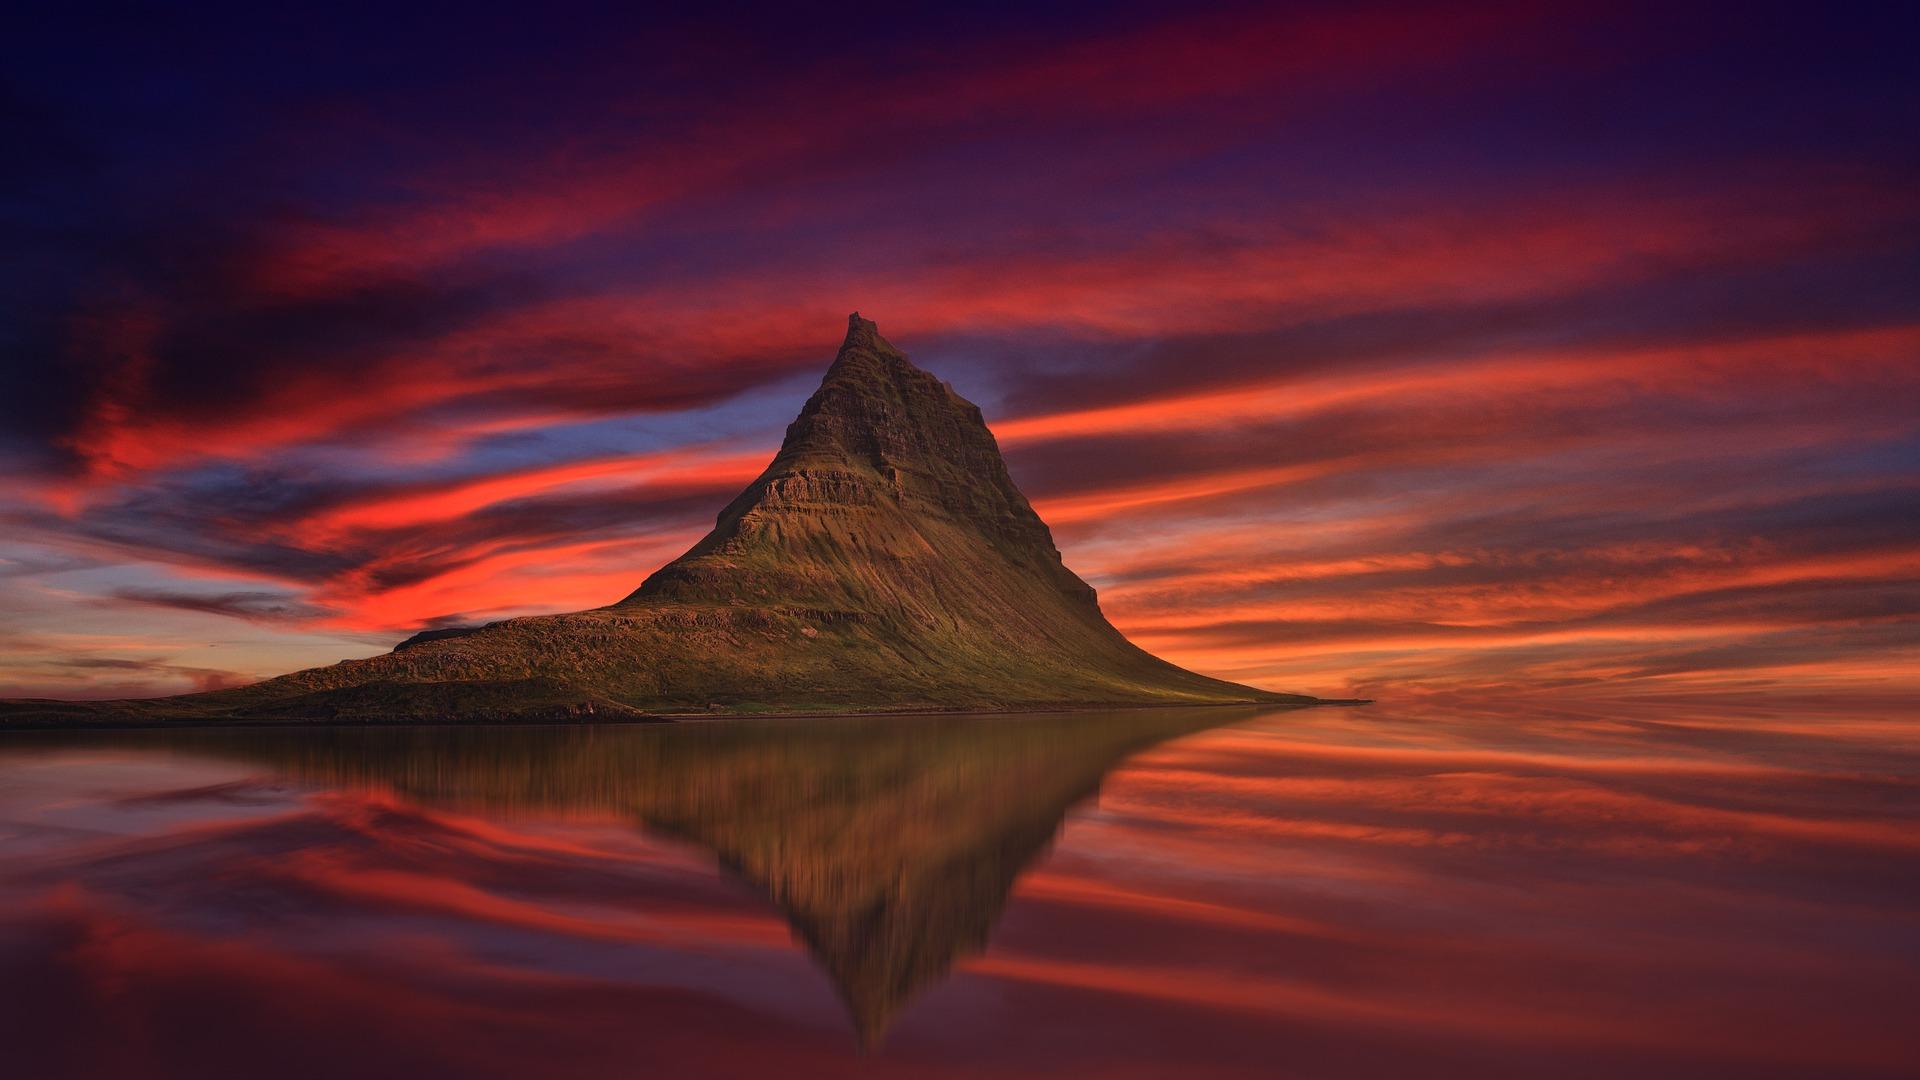 טיול מקיף לאיסלנד |9 ימים, 7 לילות  ,חצי פנסיון